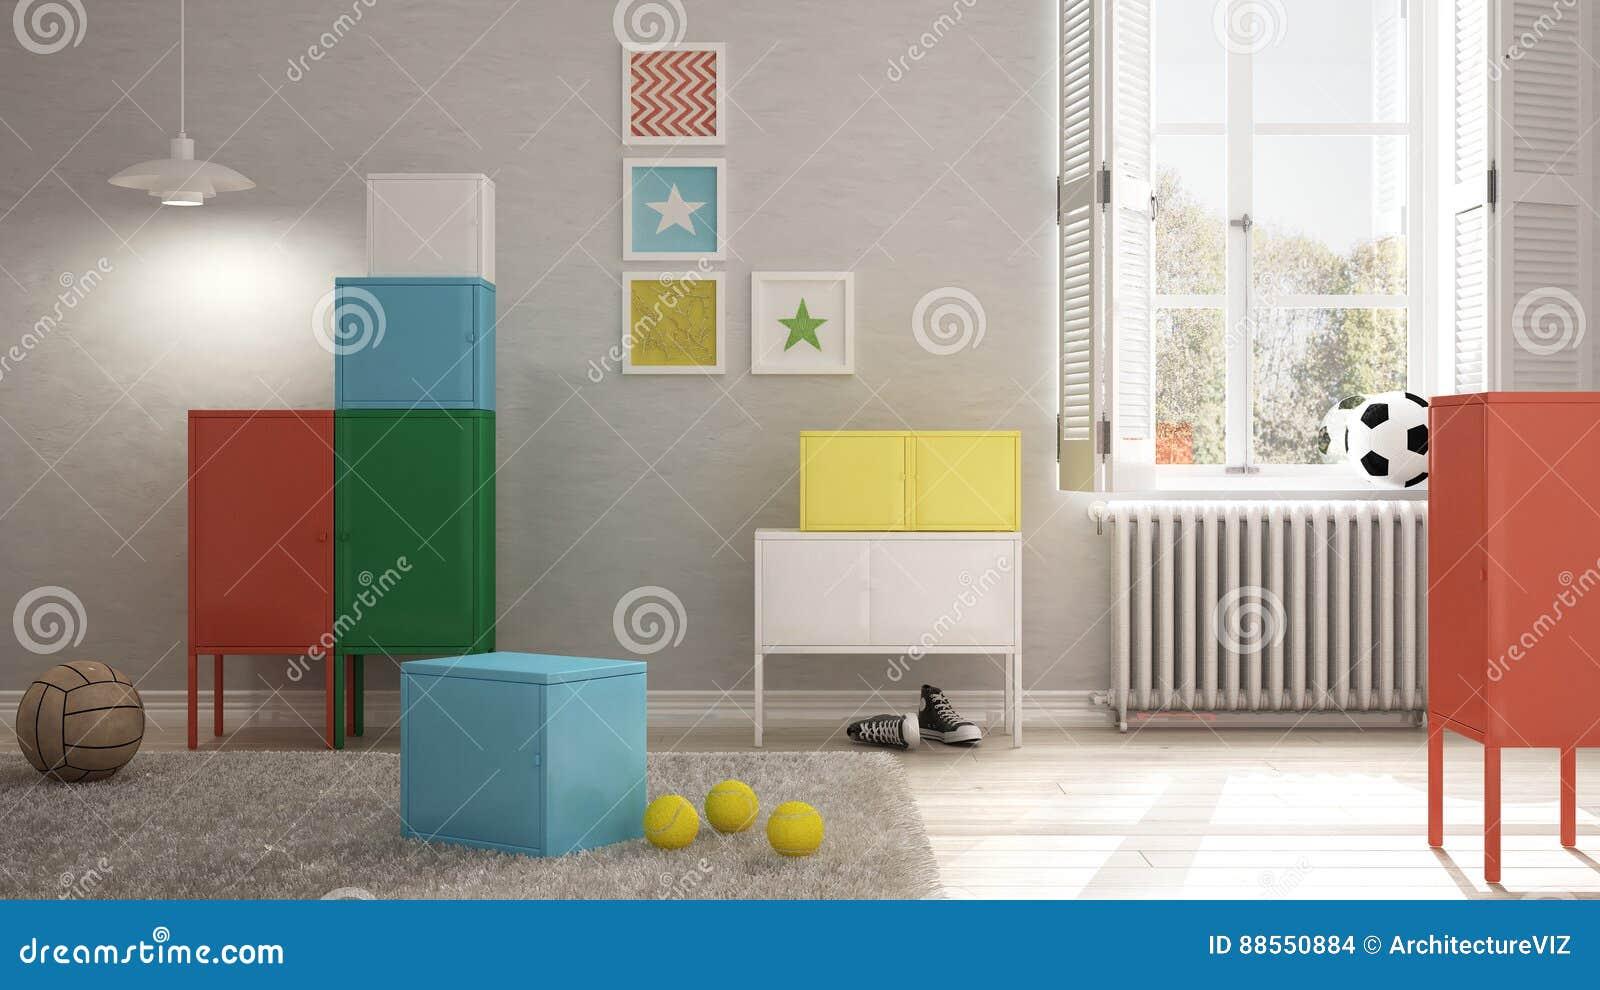 Camere Da Letto Design Minimalista : Camera da letto variopinta dei bambini interior design